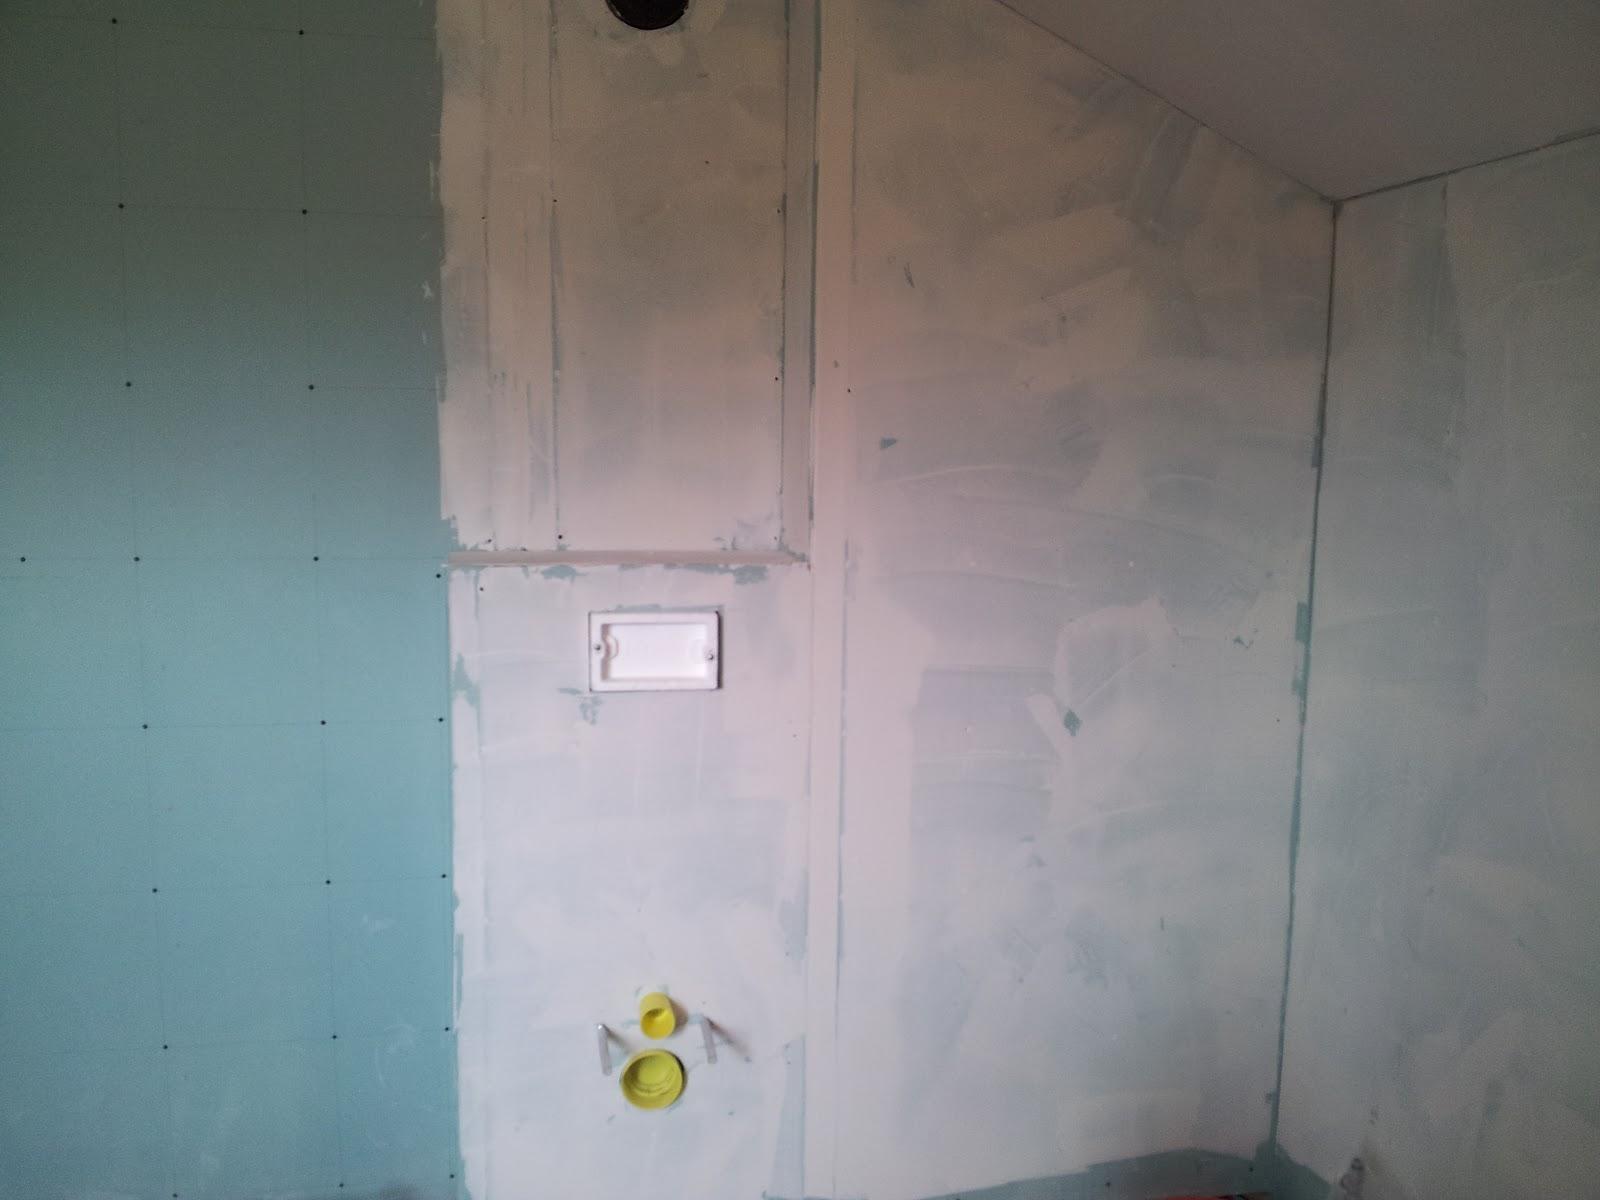 Unser traum pro haus decken w nde sind verputzt netzwerk schaltschrank sind gesetzt - Fi schalter badezimmer ...